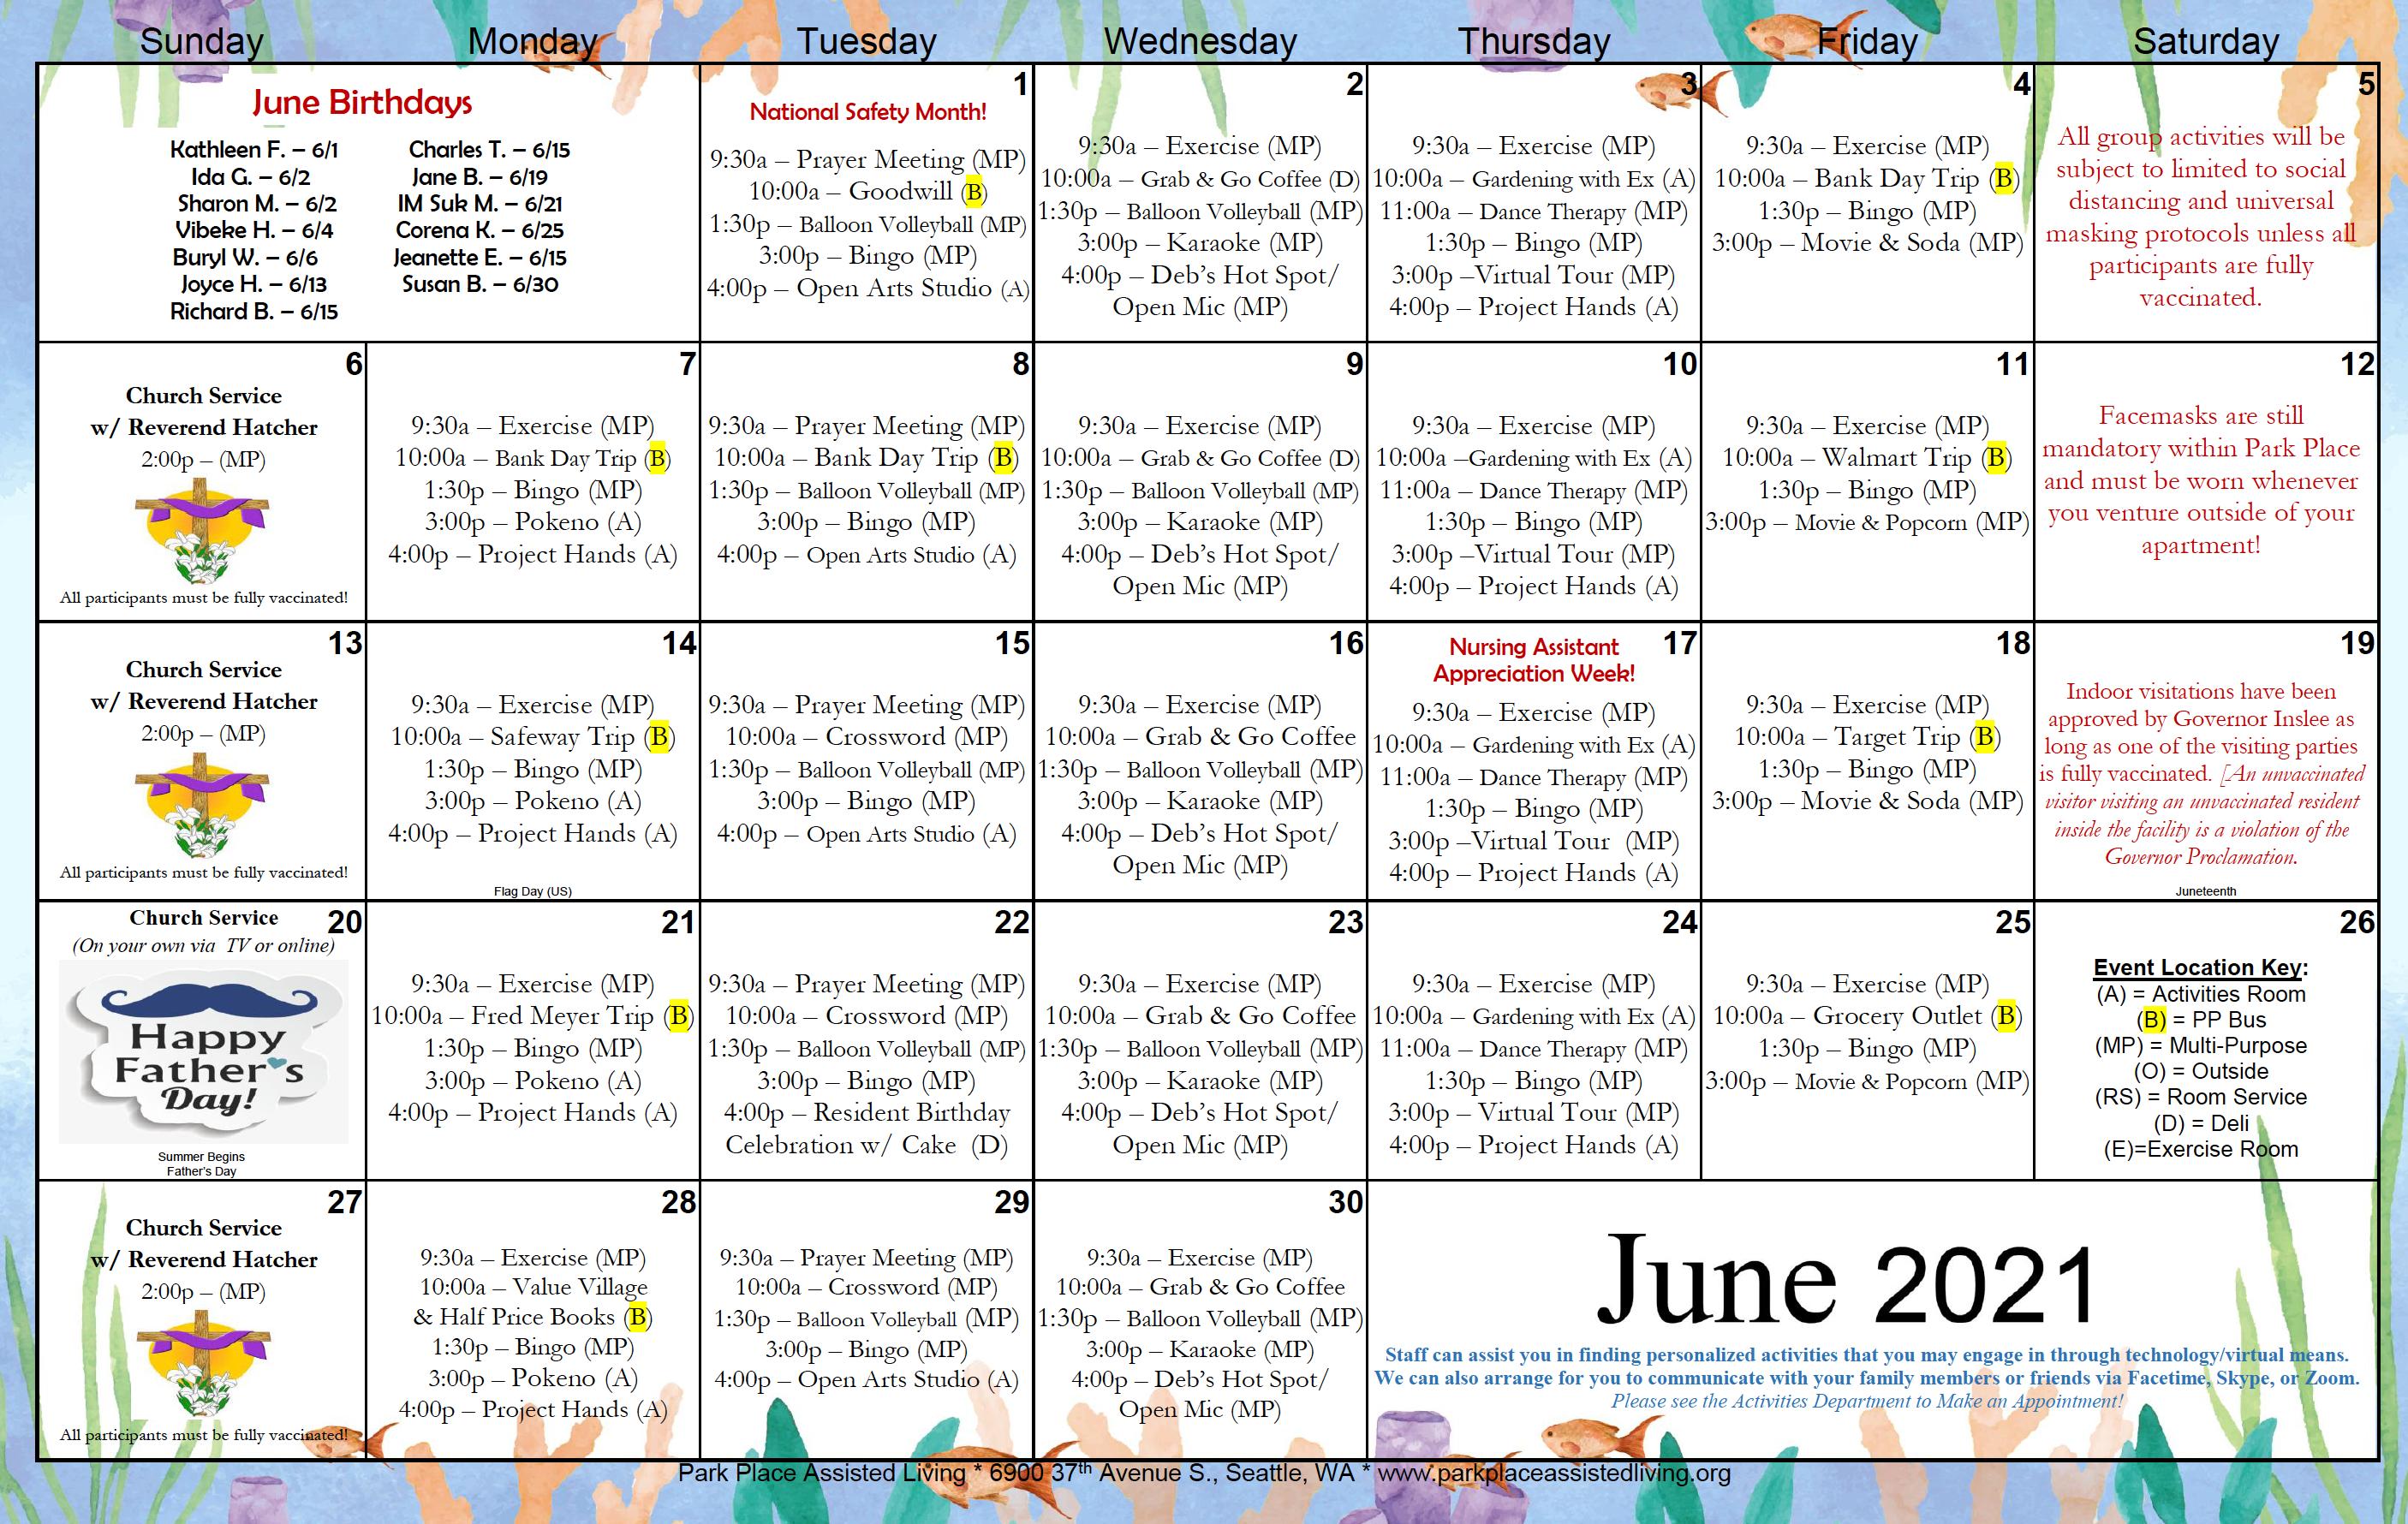 Park Place June 2021 Calendar